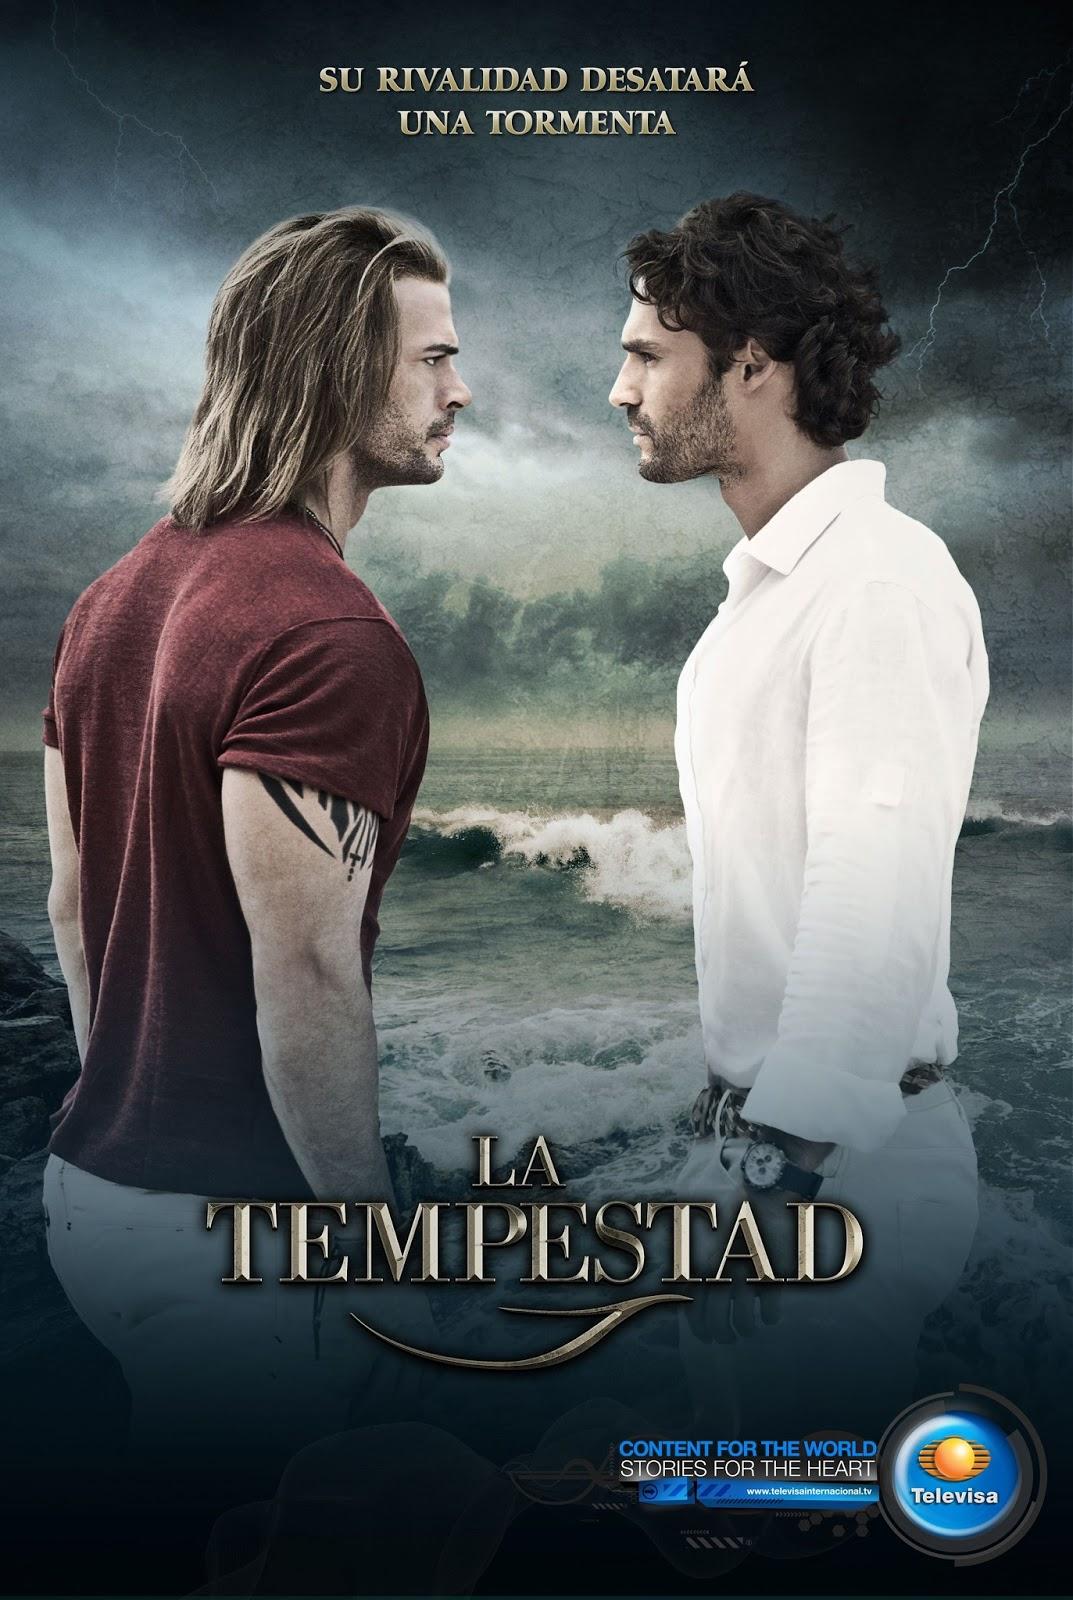 Posters oficiales de La Tempestad